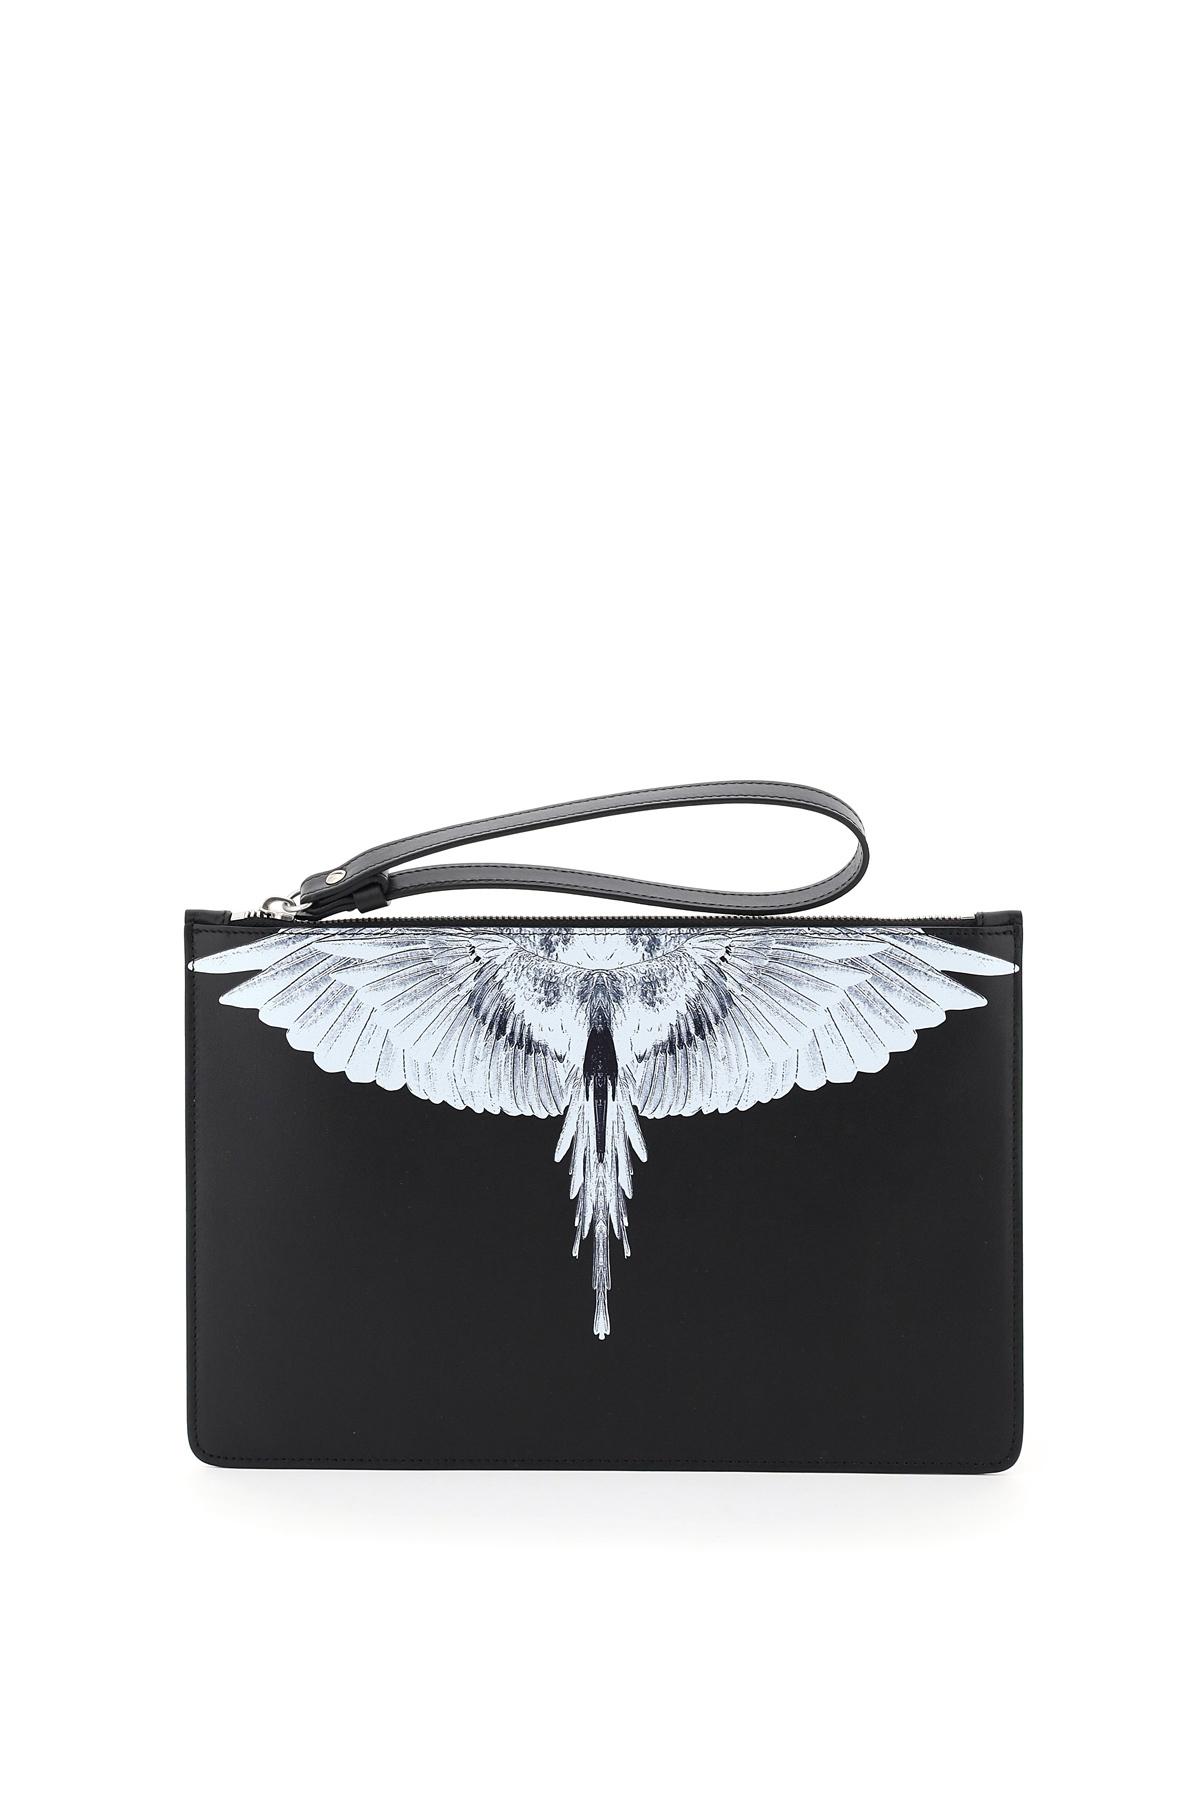 Marcelo burlon pouch con stampa  wings